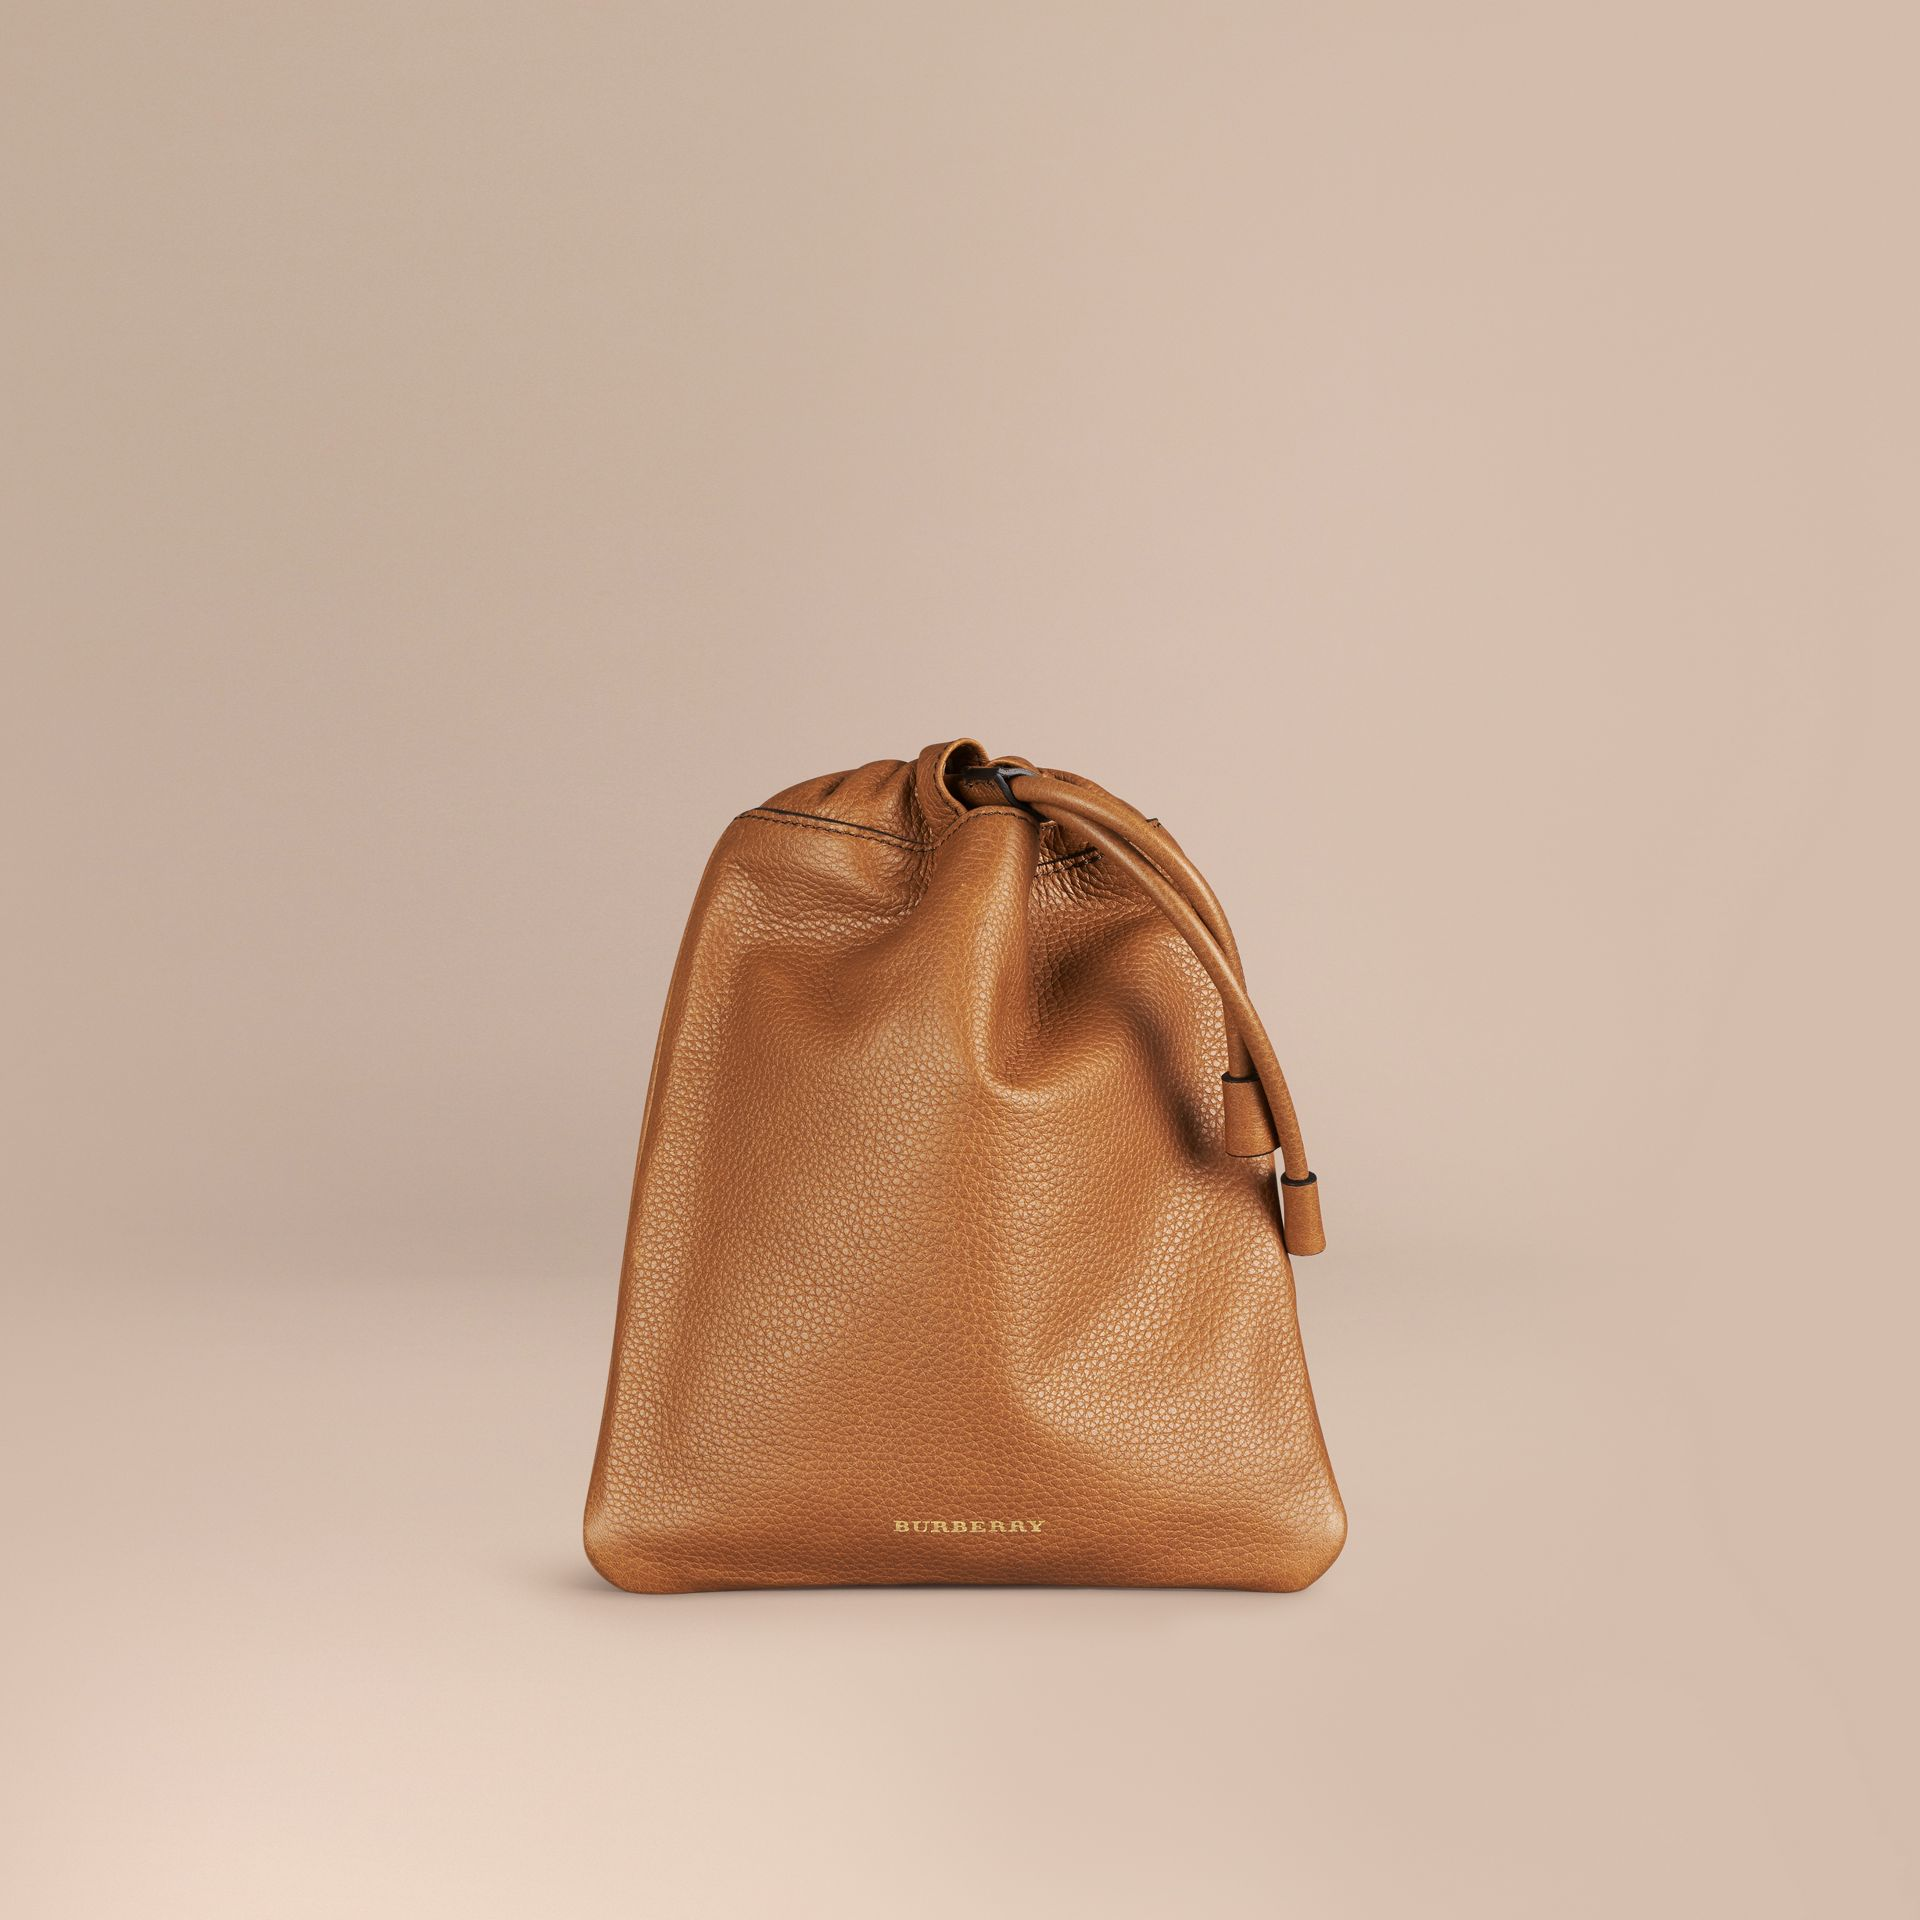 Marroncino Pochette in pelle a grana con coulisse Marroncino - immagine della galleria 1